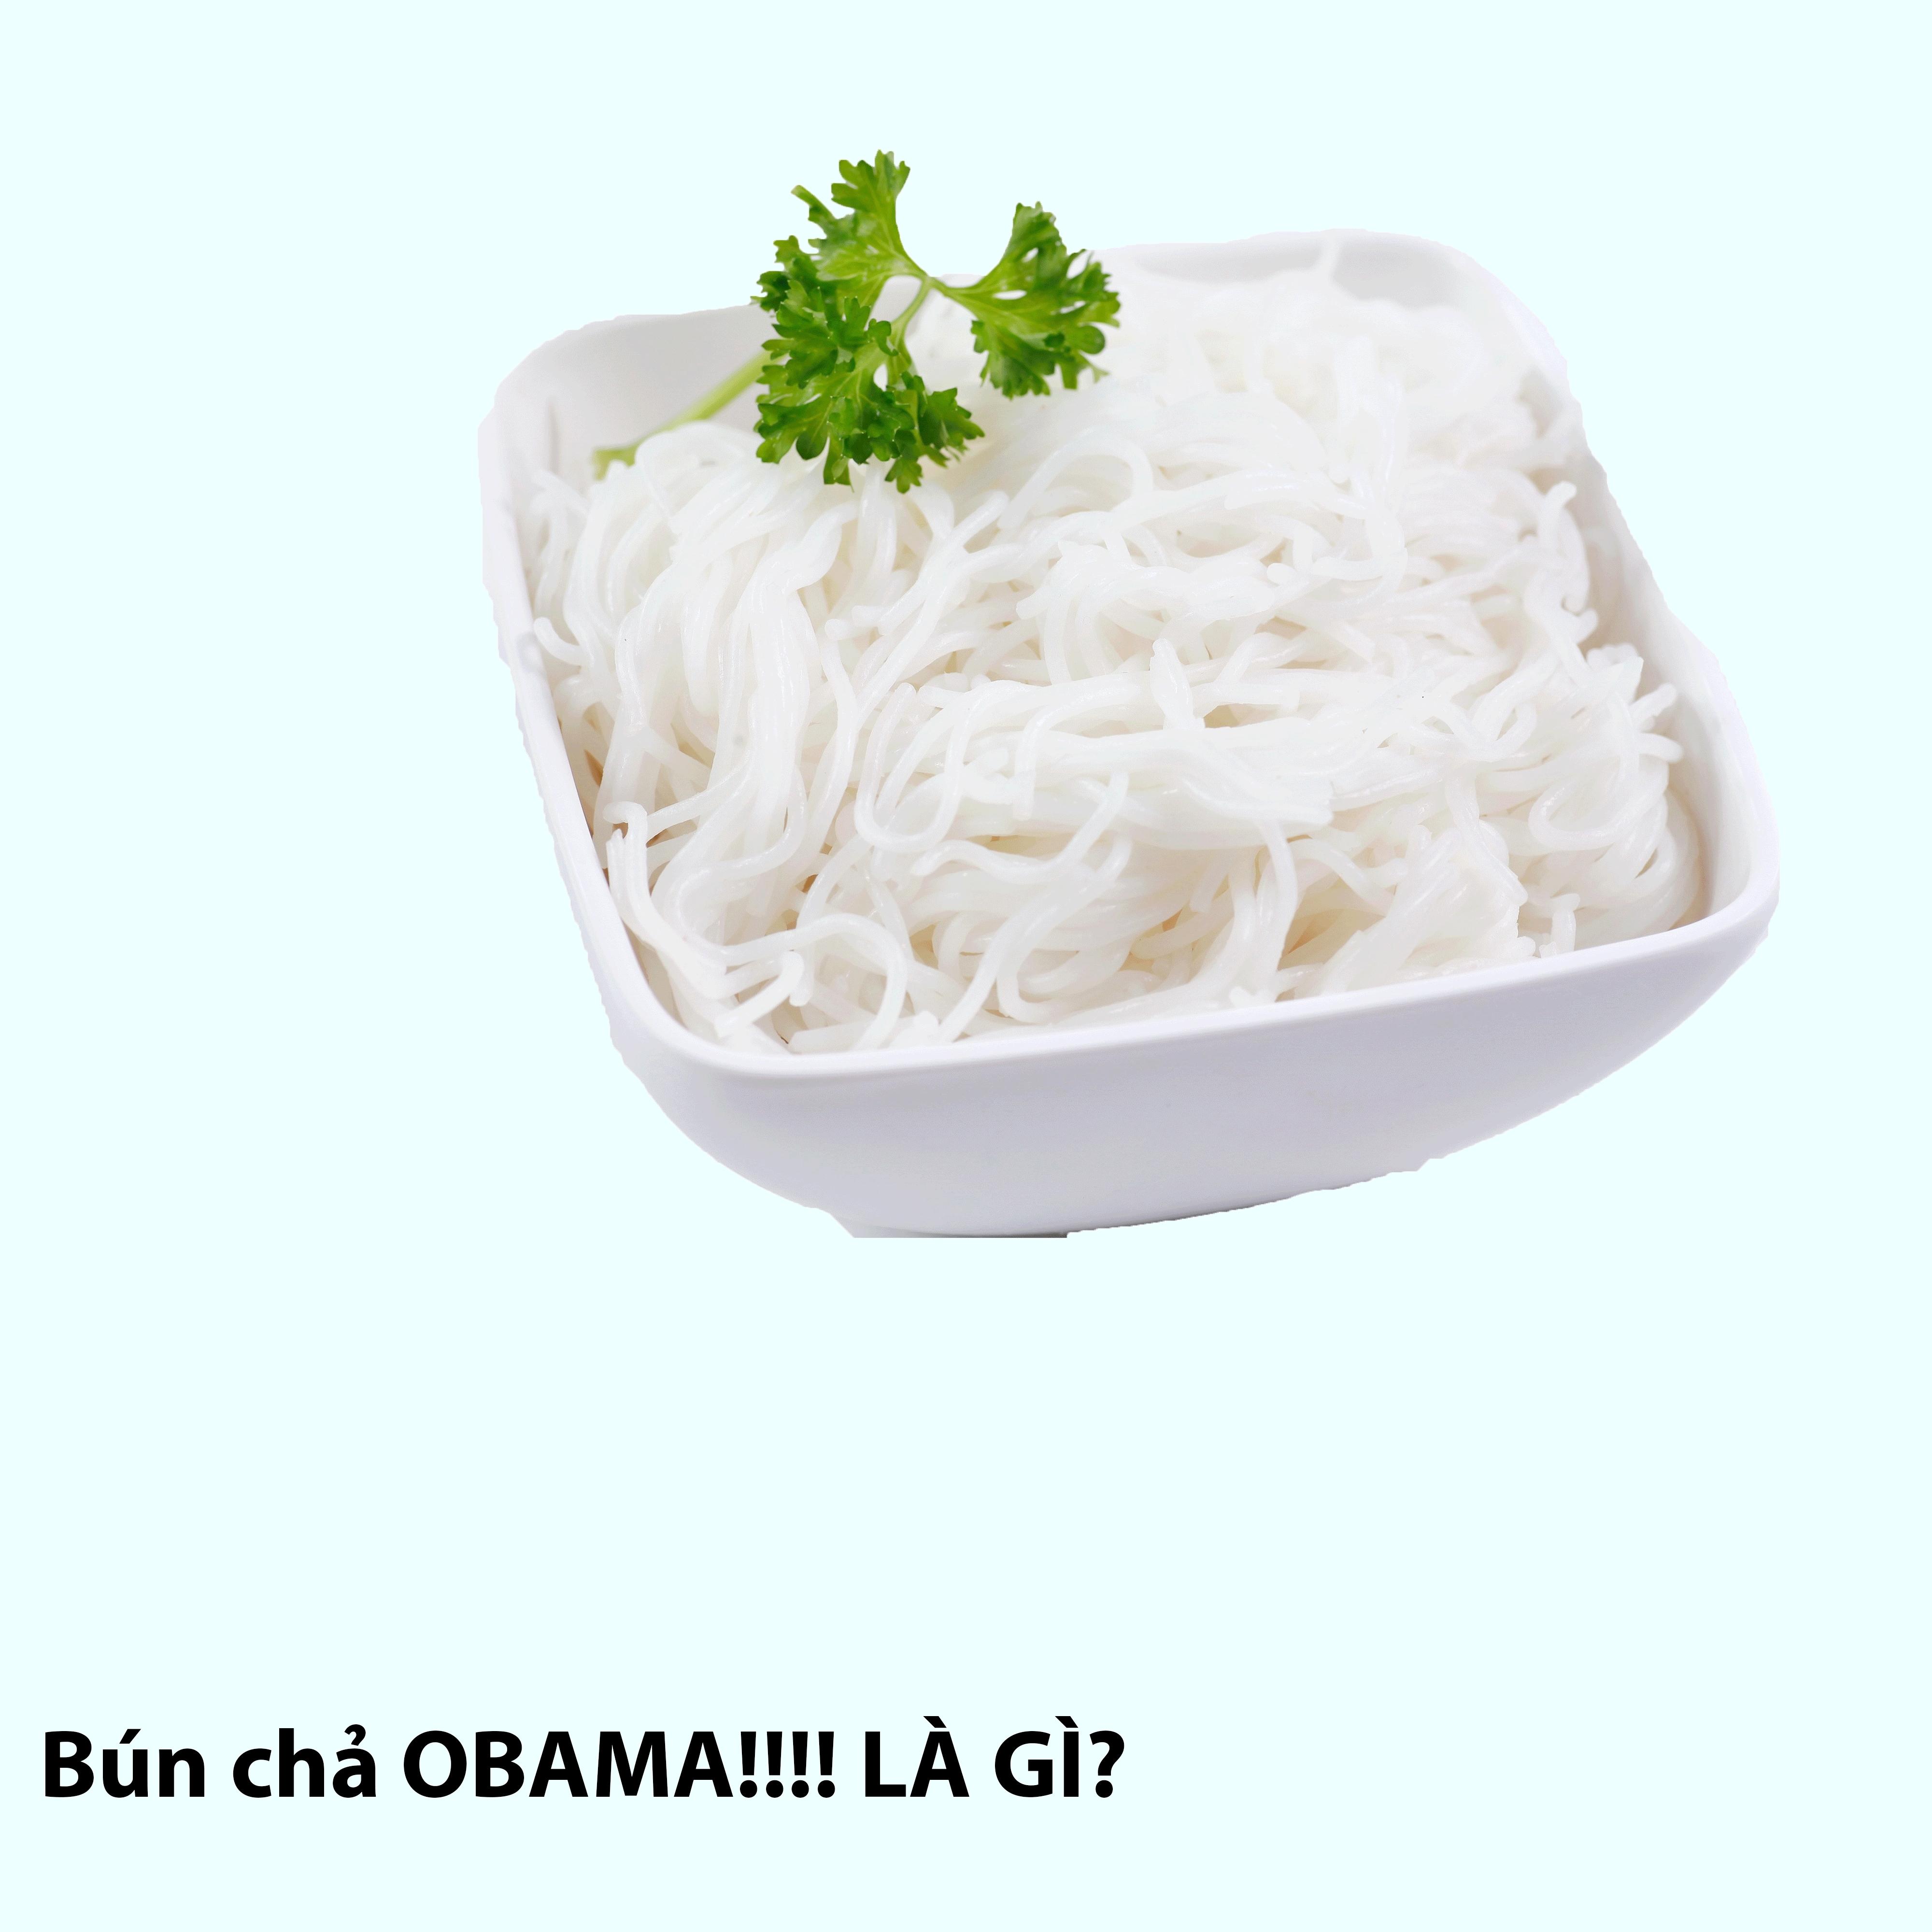 actuallyfunny, veryfunny, Bún chả Obama là gì? GIFs